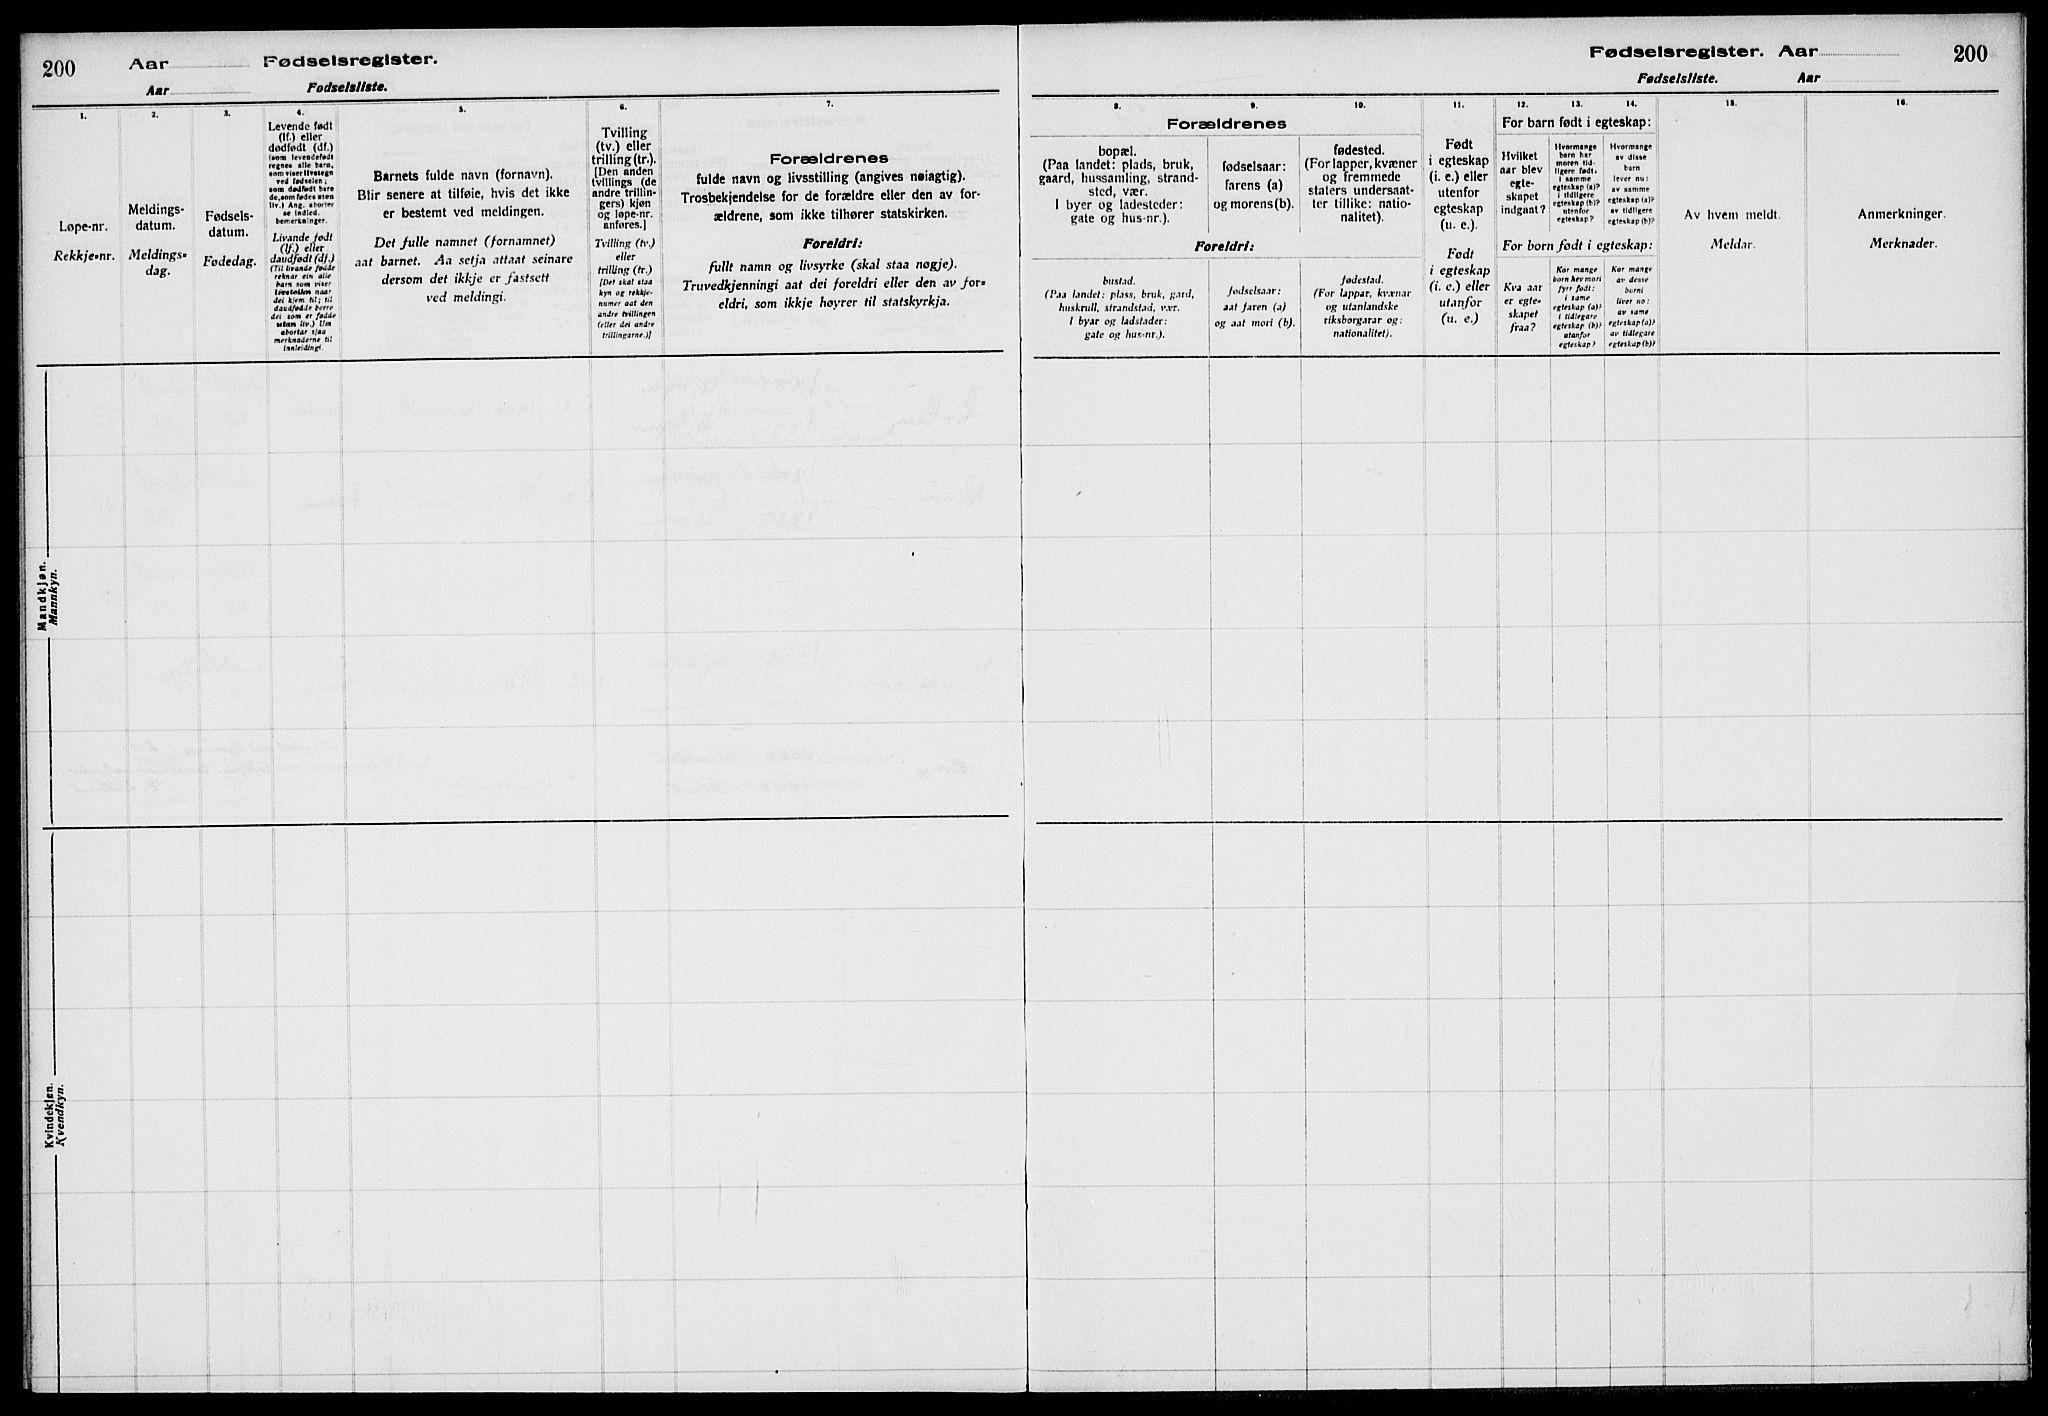 SAKO, Gjerpen kirkebøker, J/Ja/L0001: Fødselsregister nr. 1, 1916-1926, s. 200